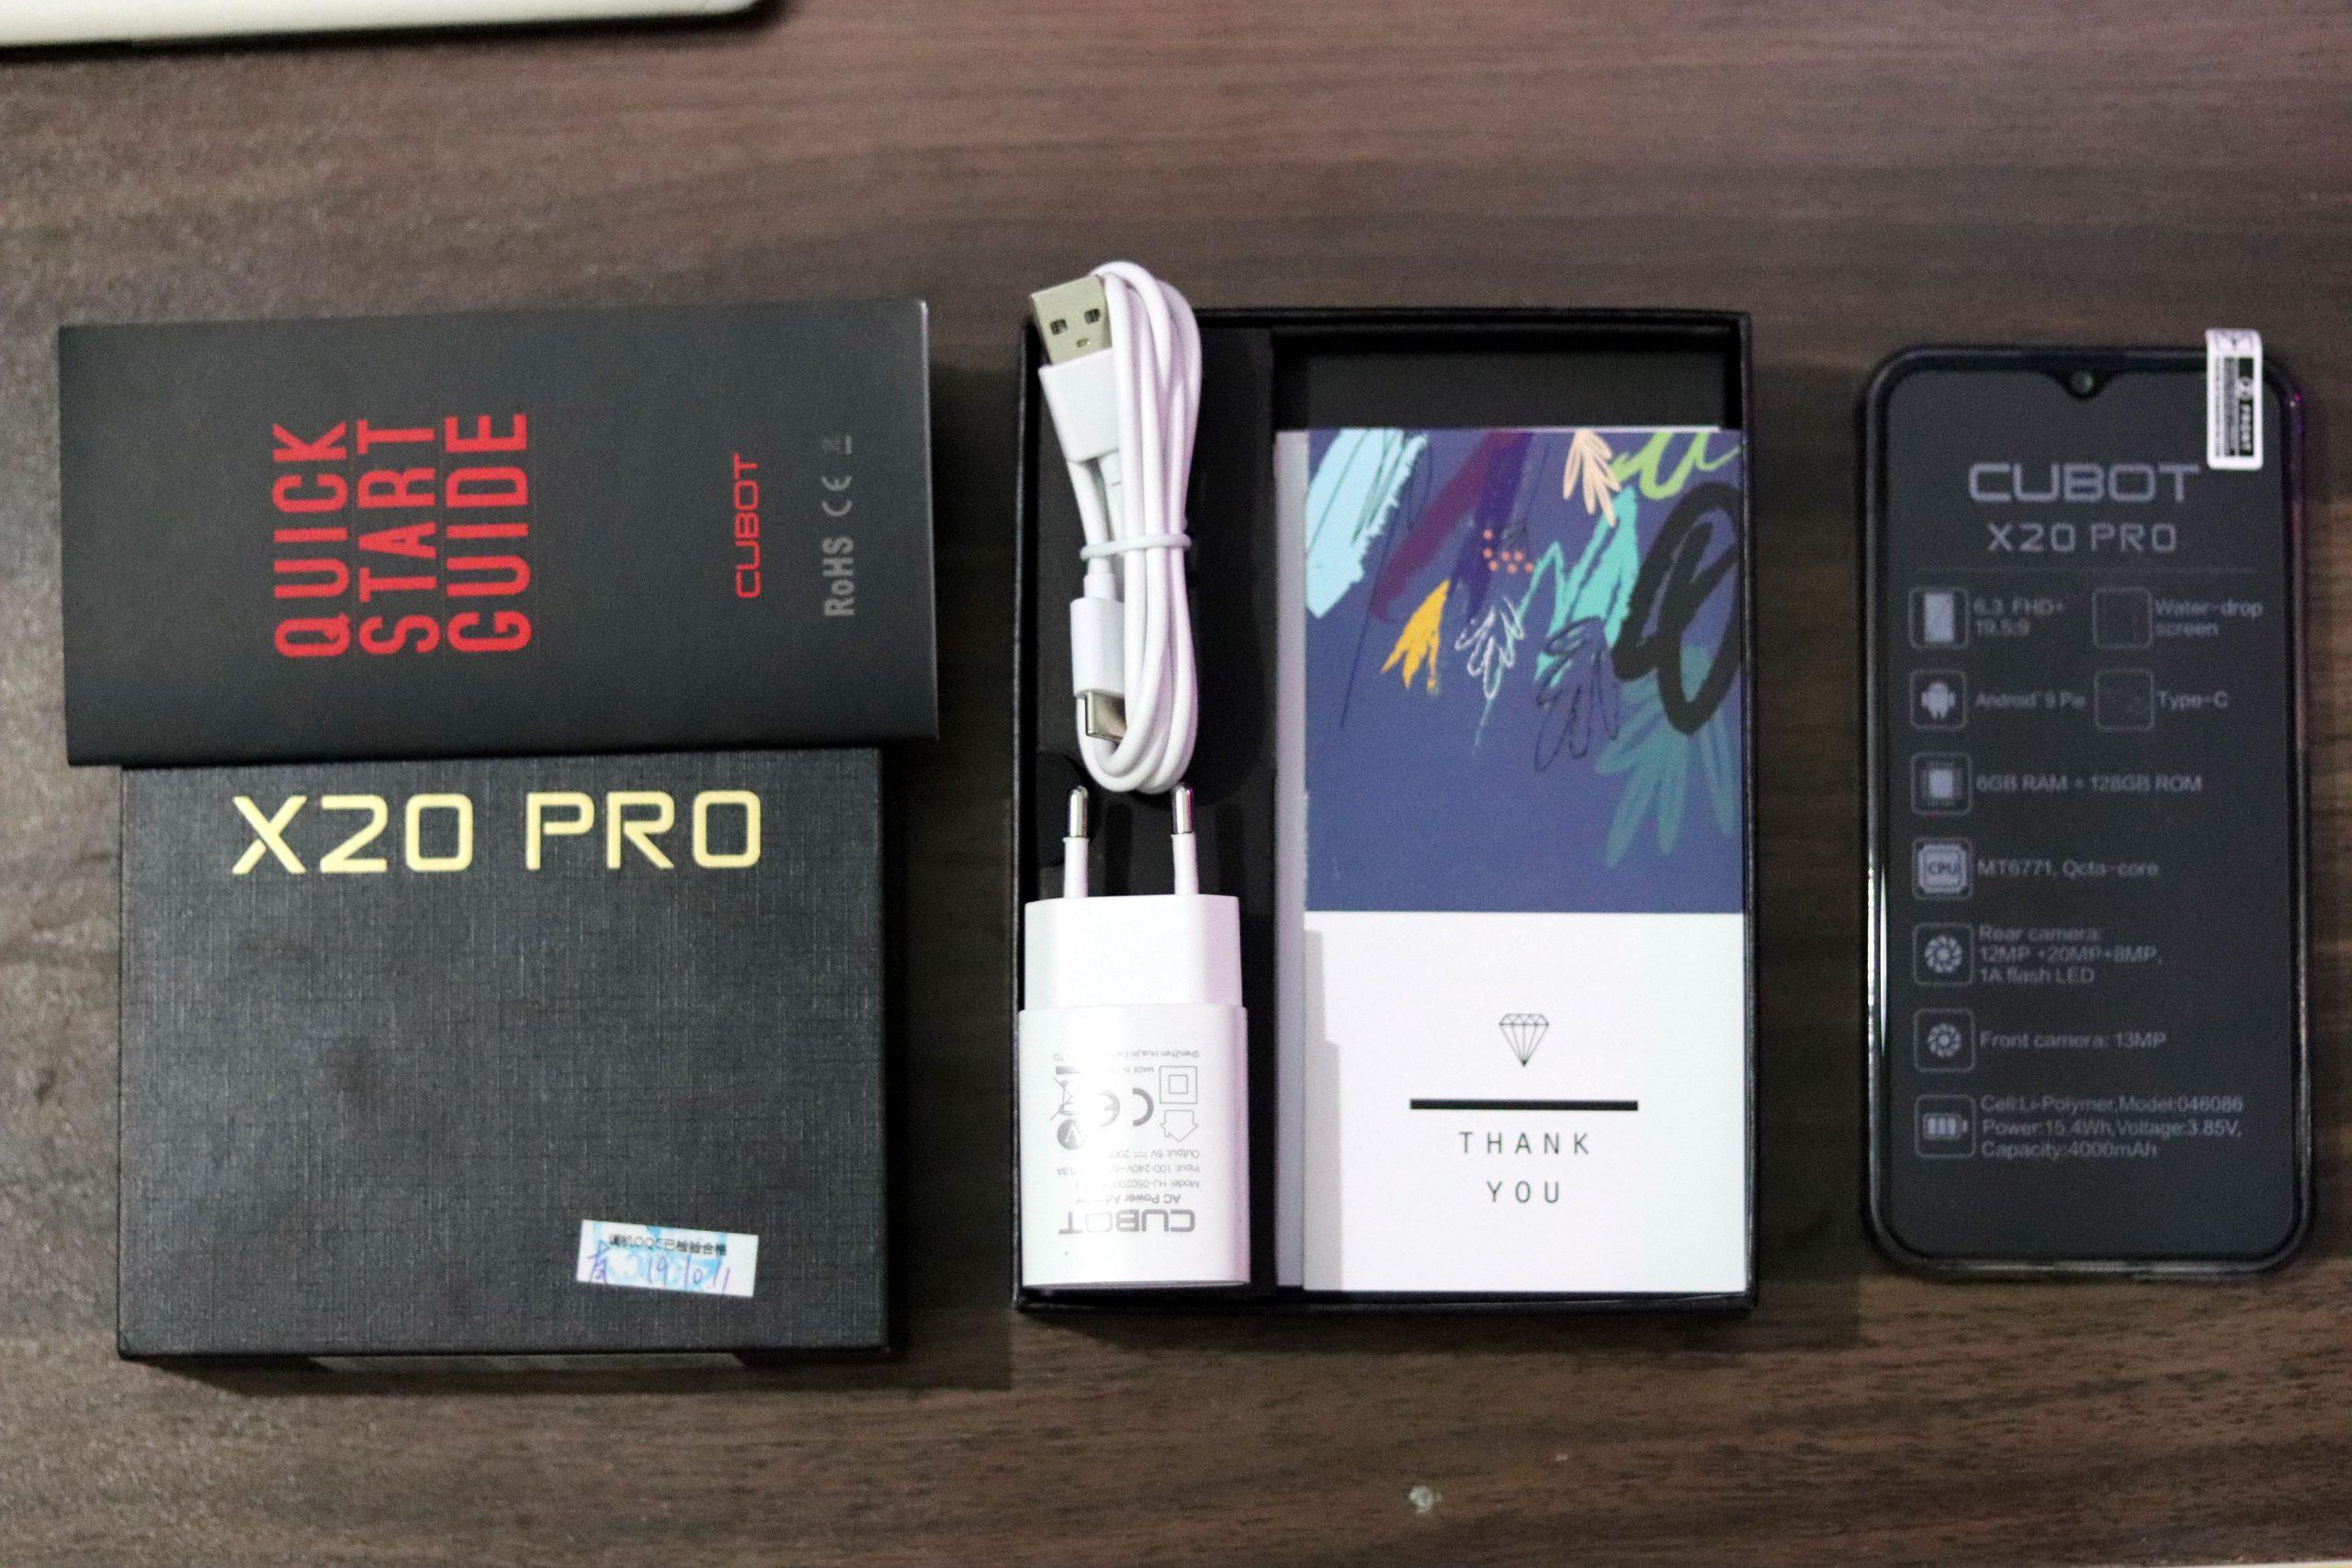 Revisiones Cubot X20 Pro: ¿Sigue siendo el mejor para teléfonos económicos? En XiaomiToday 1